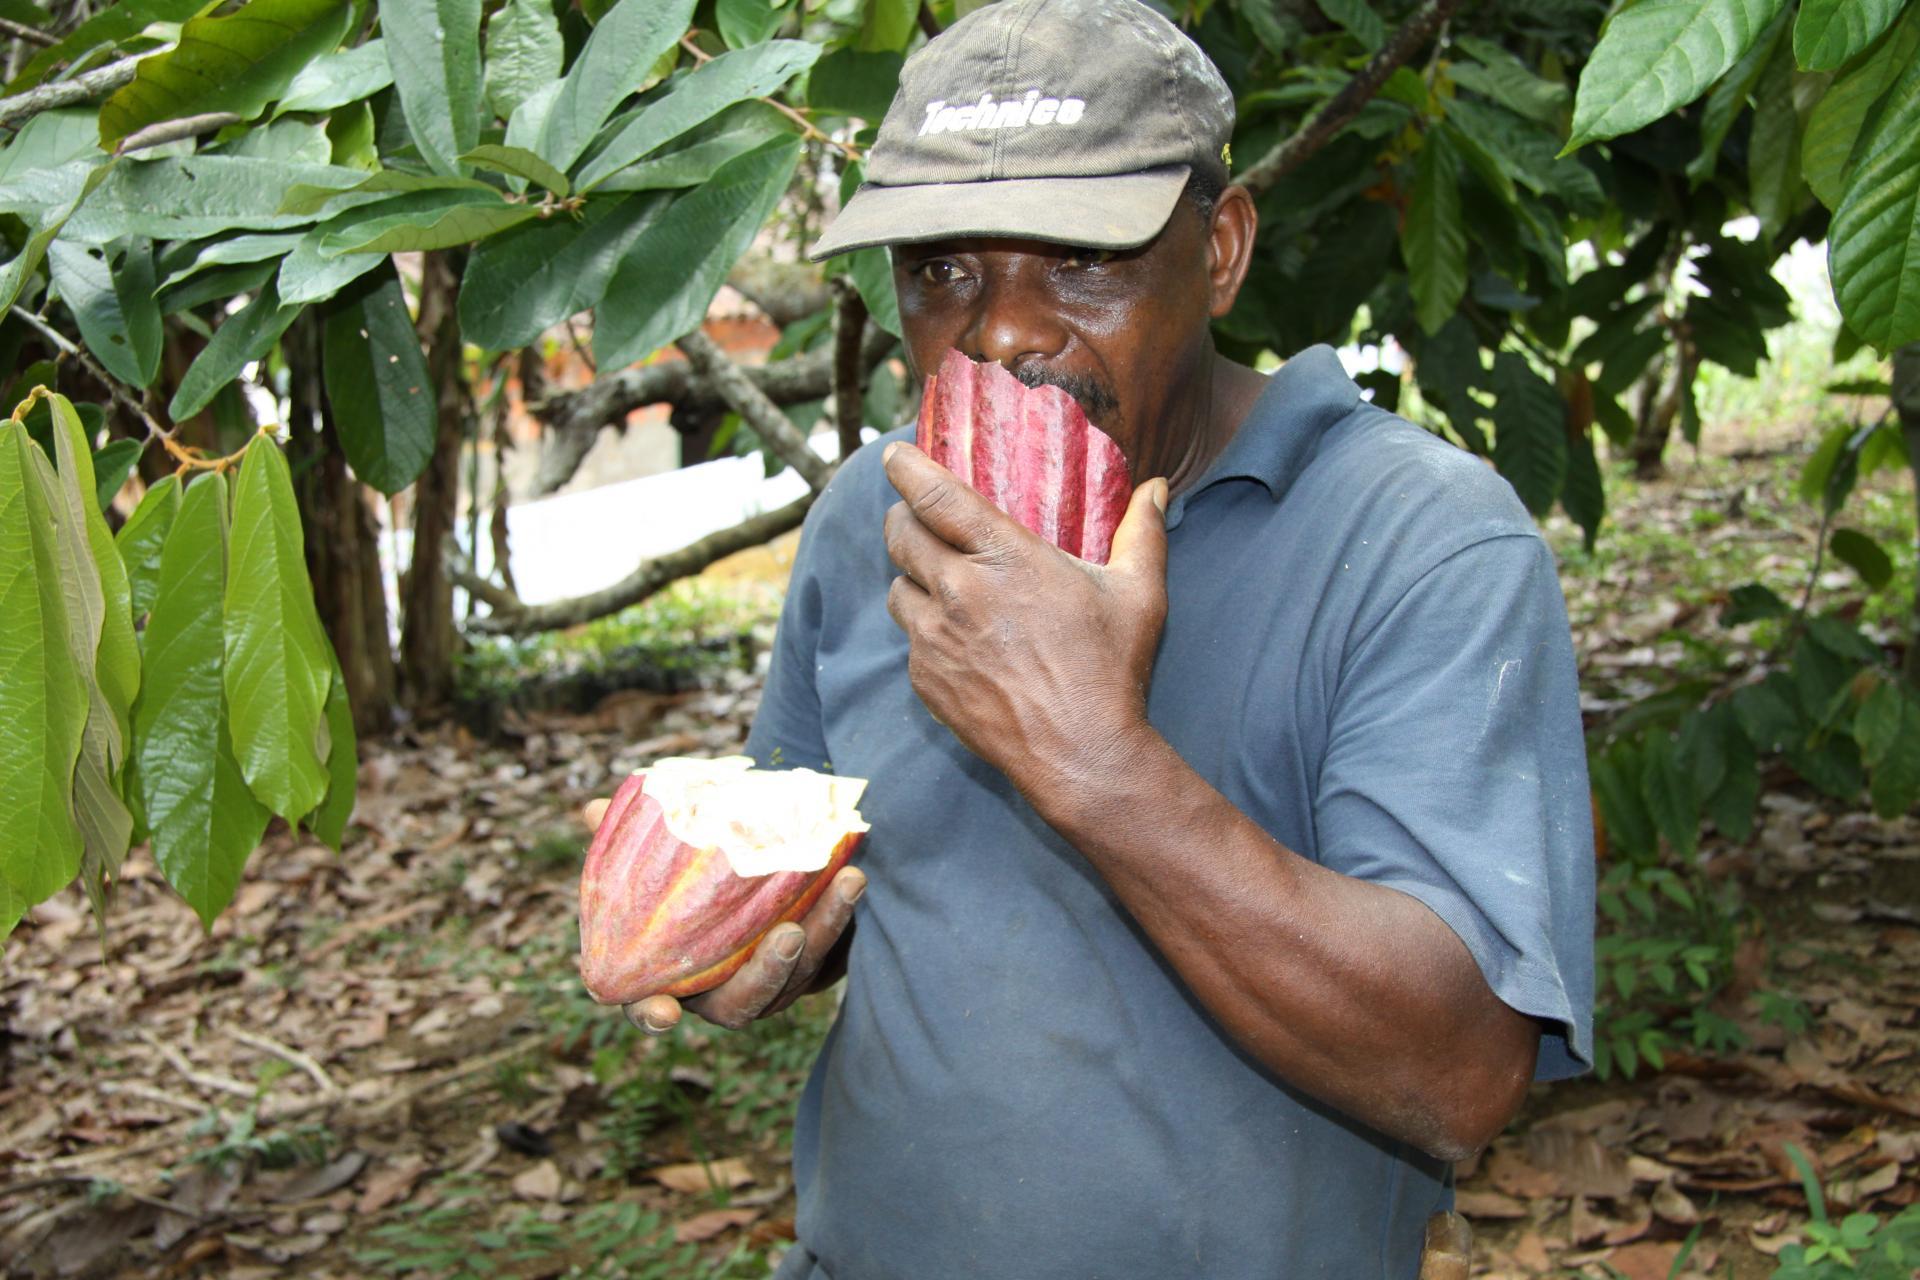 Reisetipp Kakaofazenda in Bahia: Mann riecht an einer aufgebrochenen Kakaofrucht